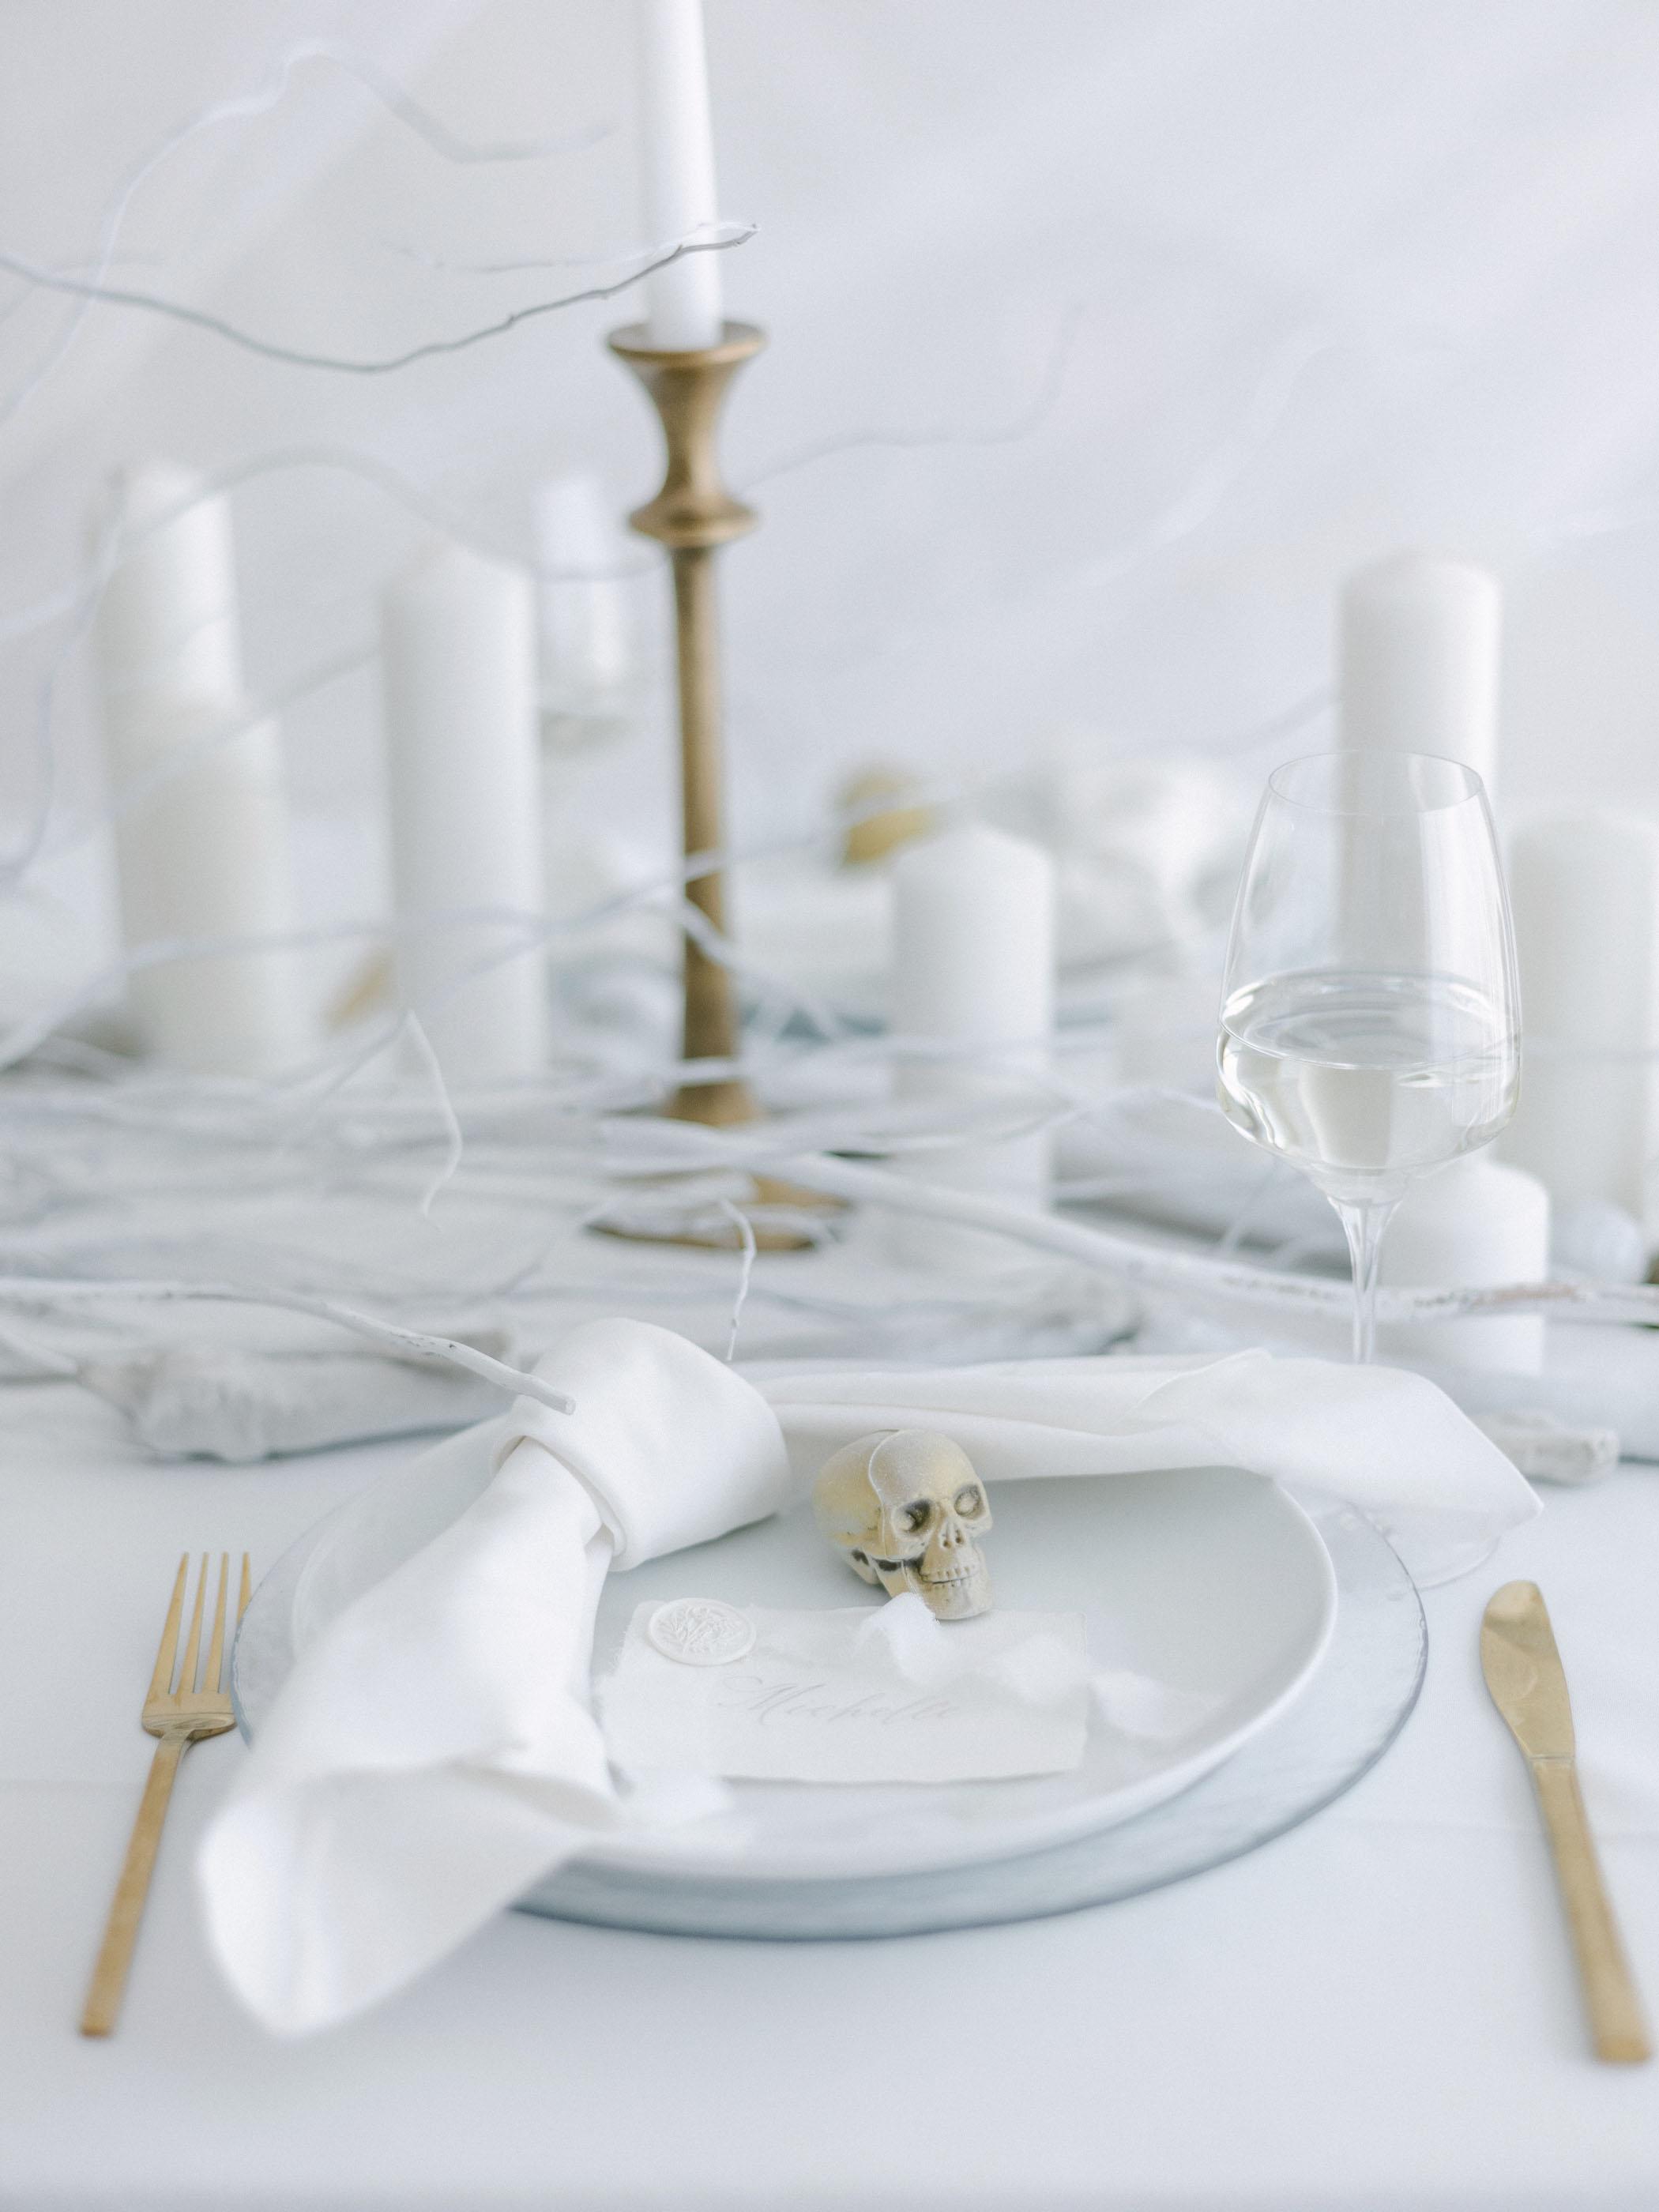 White Skeleton Plate Setting